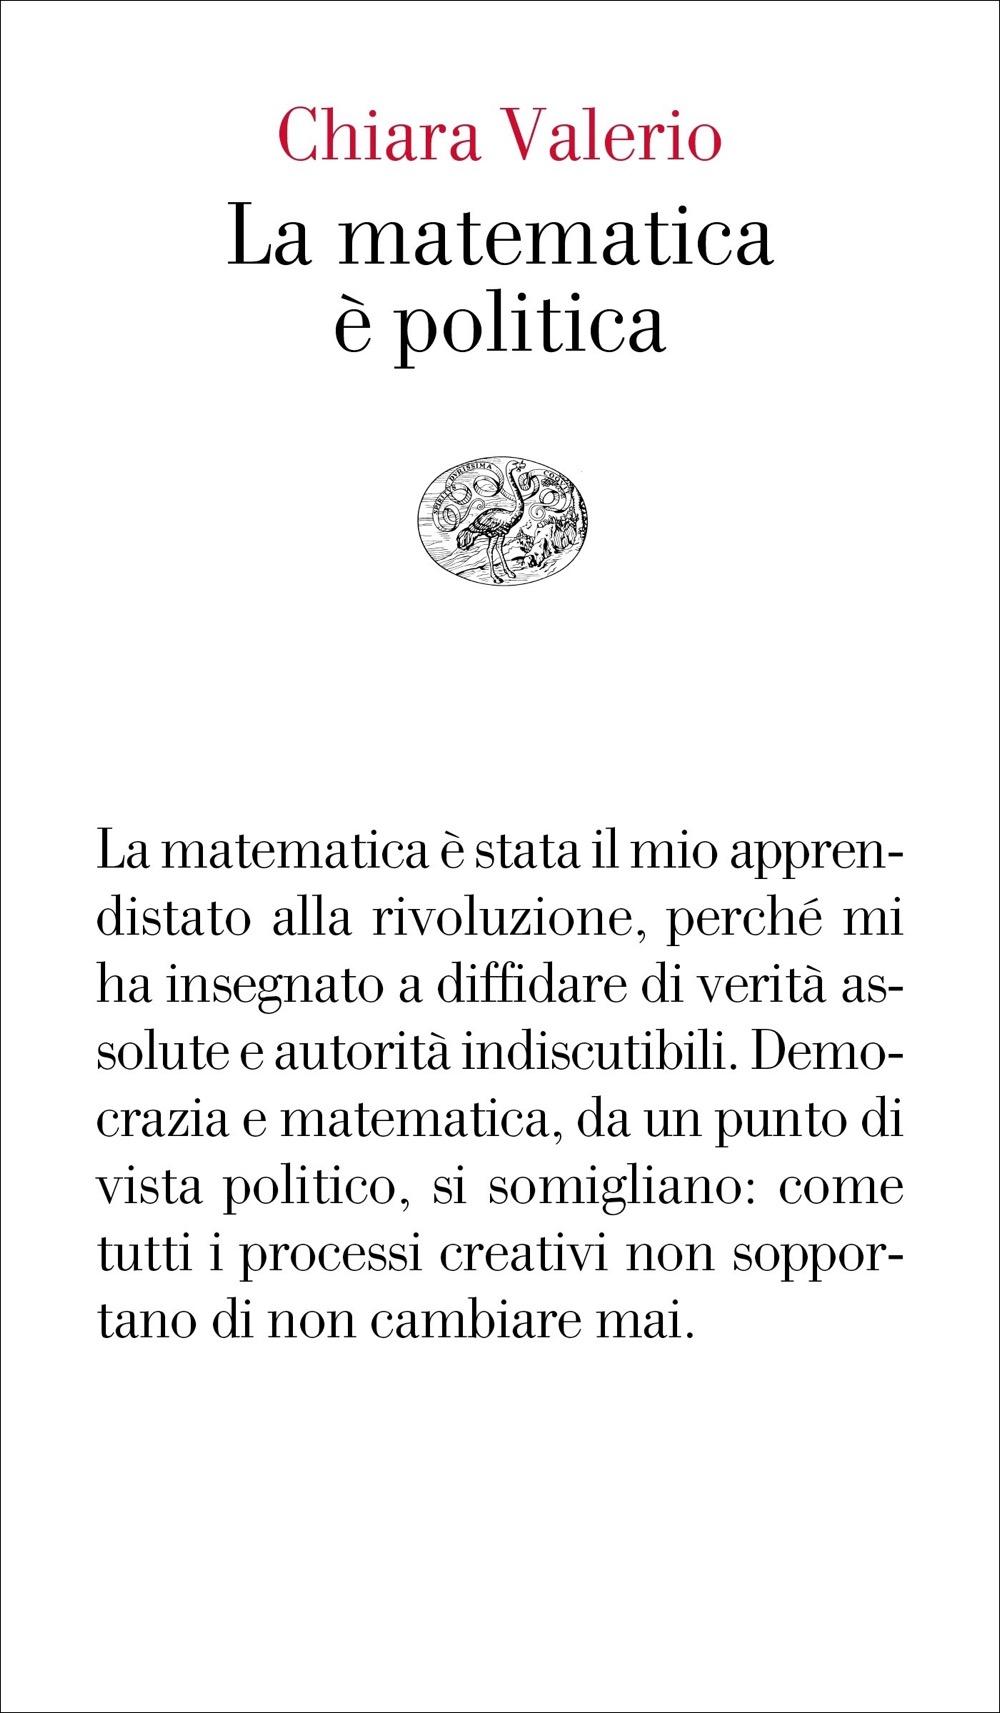 La Matematica E Politica Chiara Valerio Giulio Einaudi Editore Vele